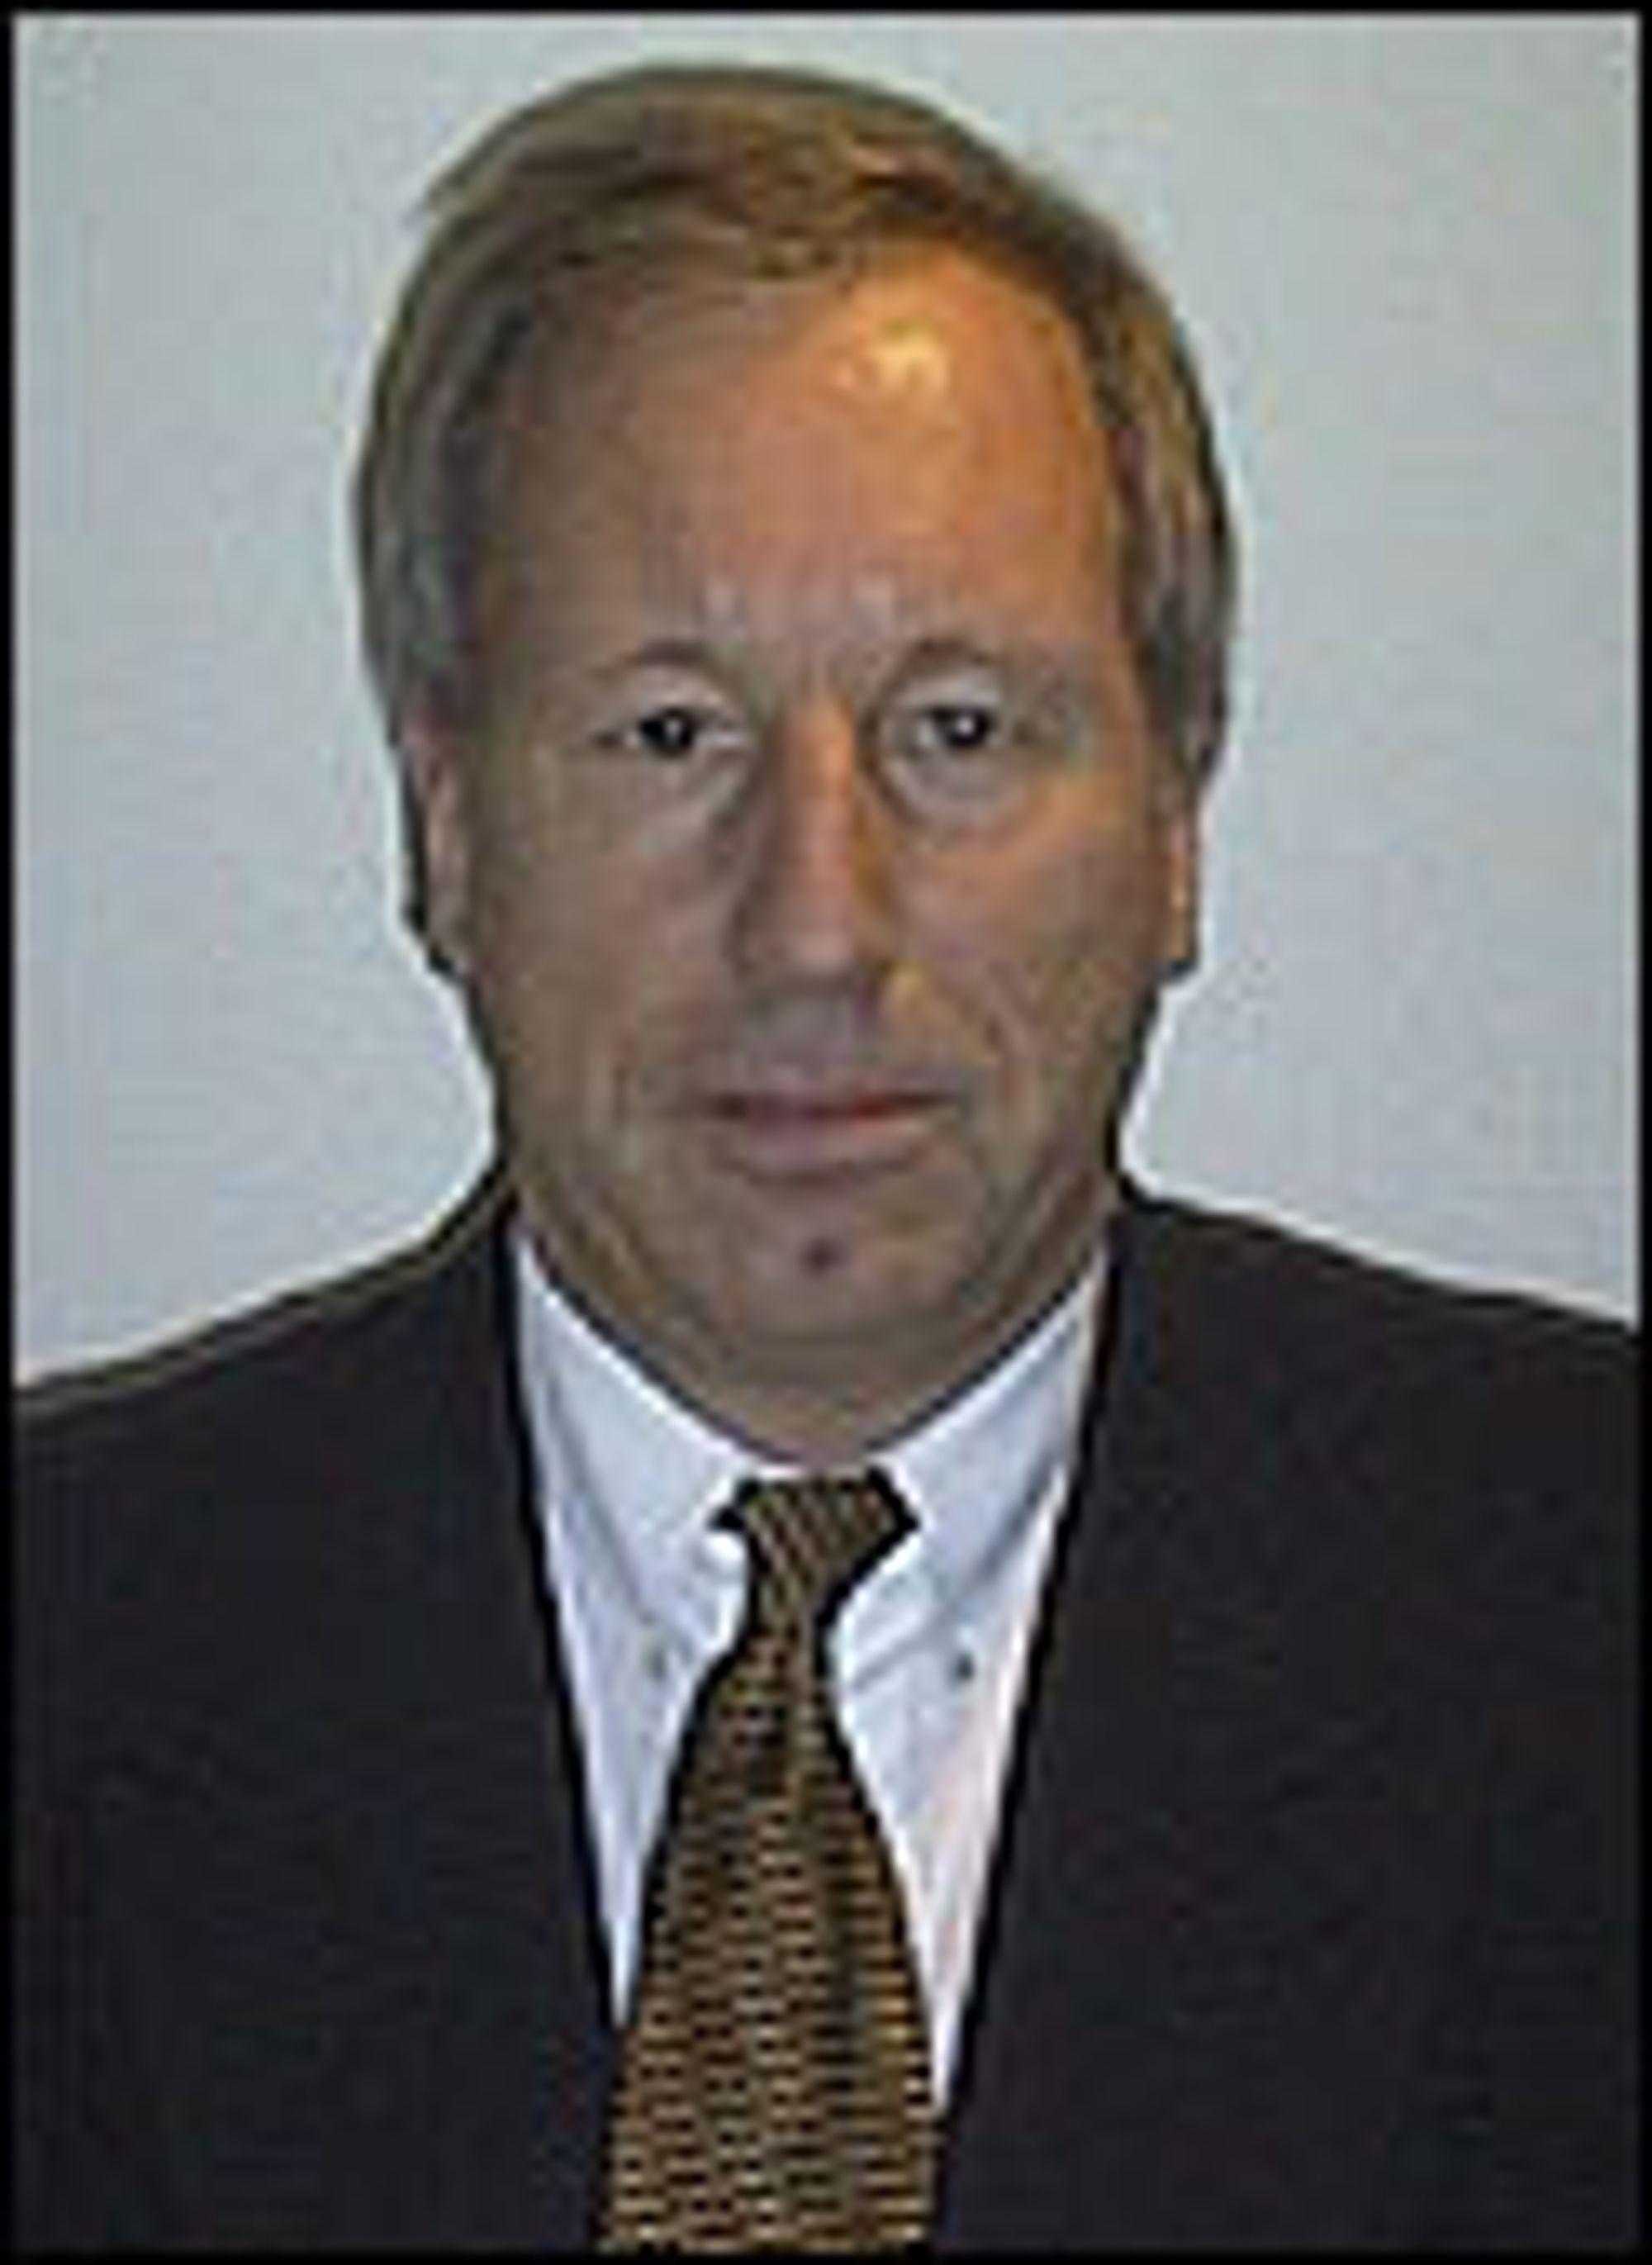 Roar Smidt, systemsjef for betalingsformidling og IT-sikkerhet hos Bull A/S